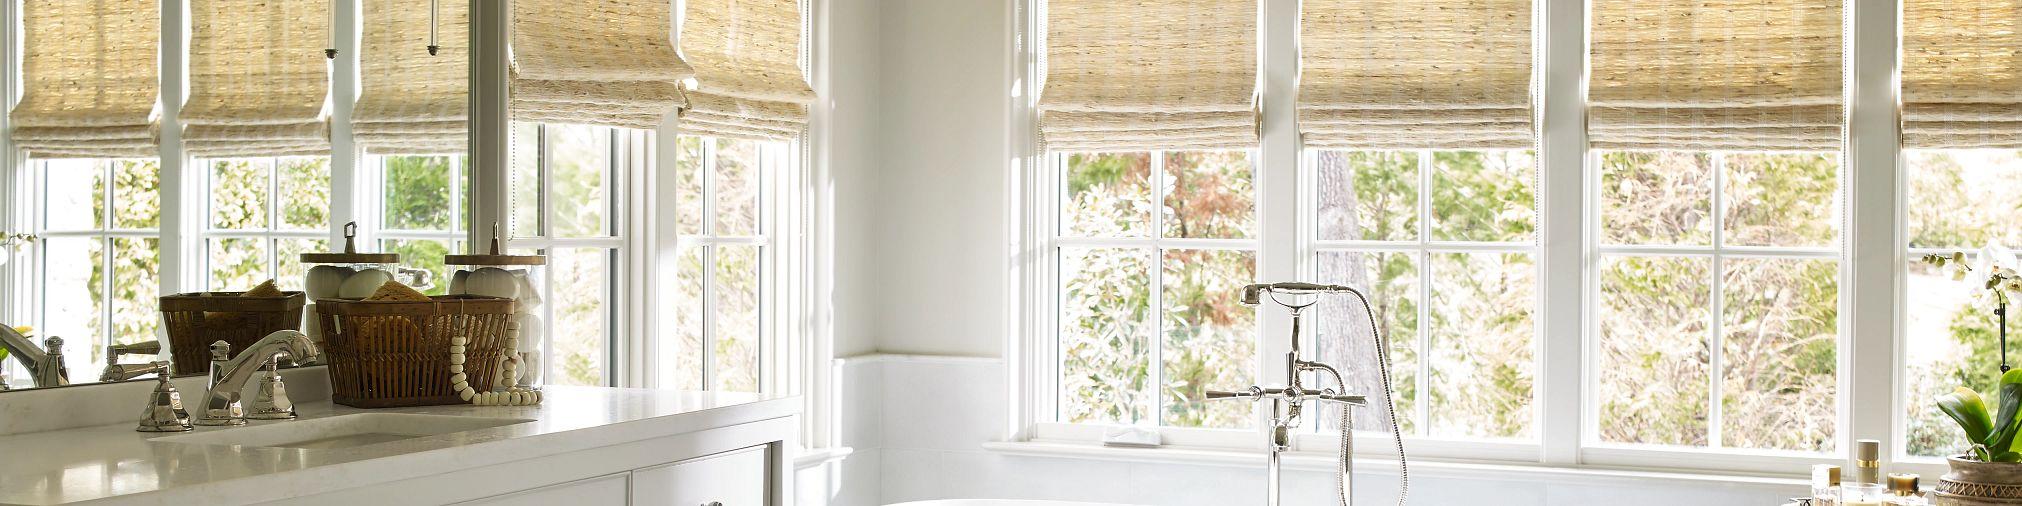 127/cm t/él/éviseur /à /écran plat Cabinet Centurion Supports Hampshire Corner-friendly brillant Placage Bois v/éritable Noyer Beam-thru t/él/écommande respectueux de lPorte 66/